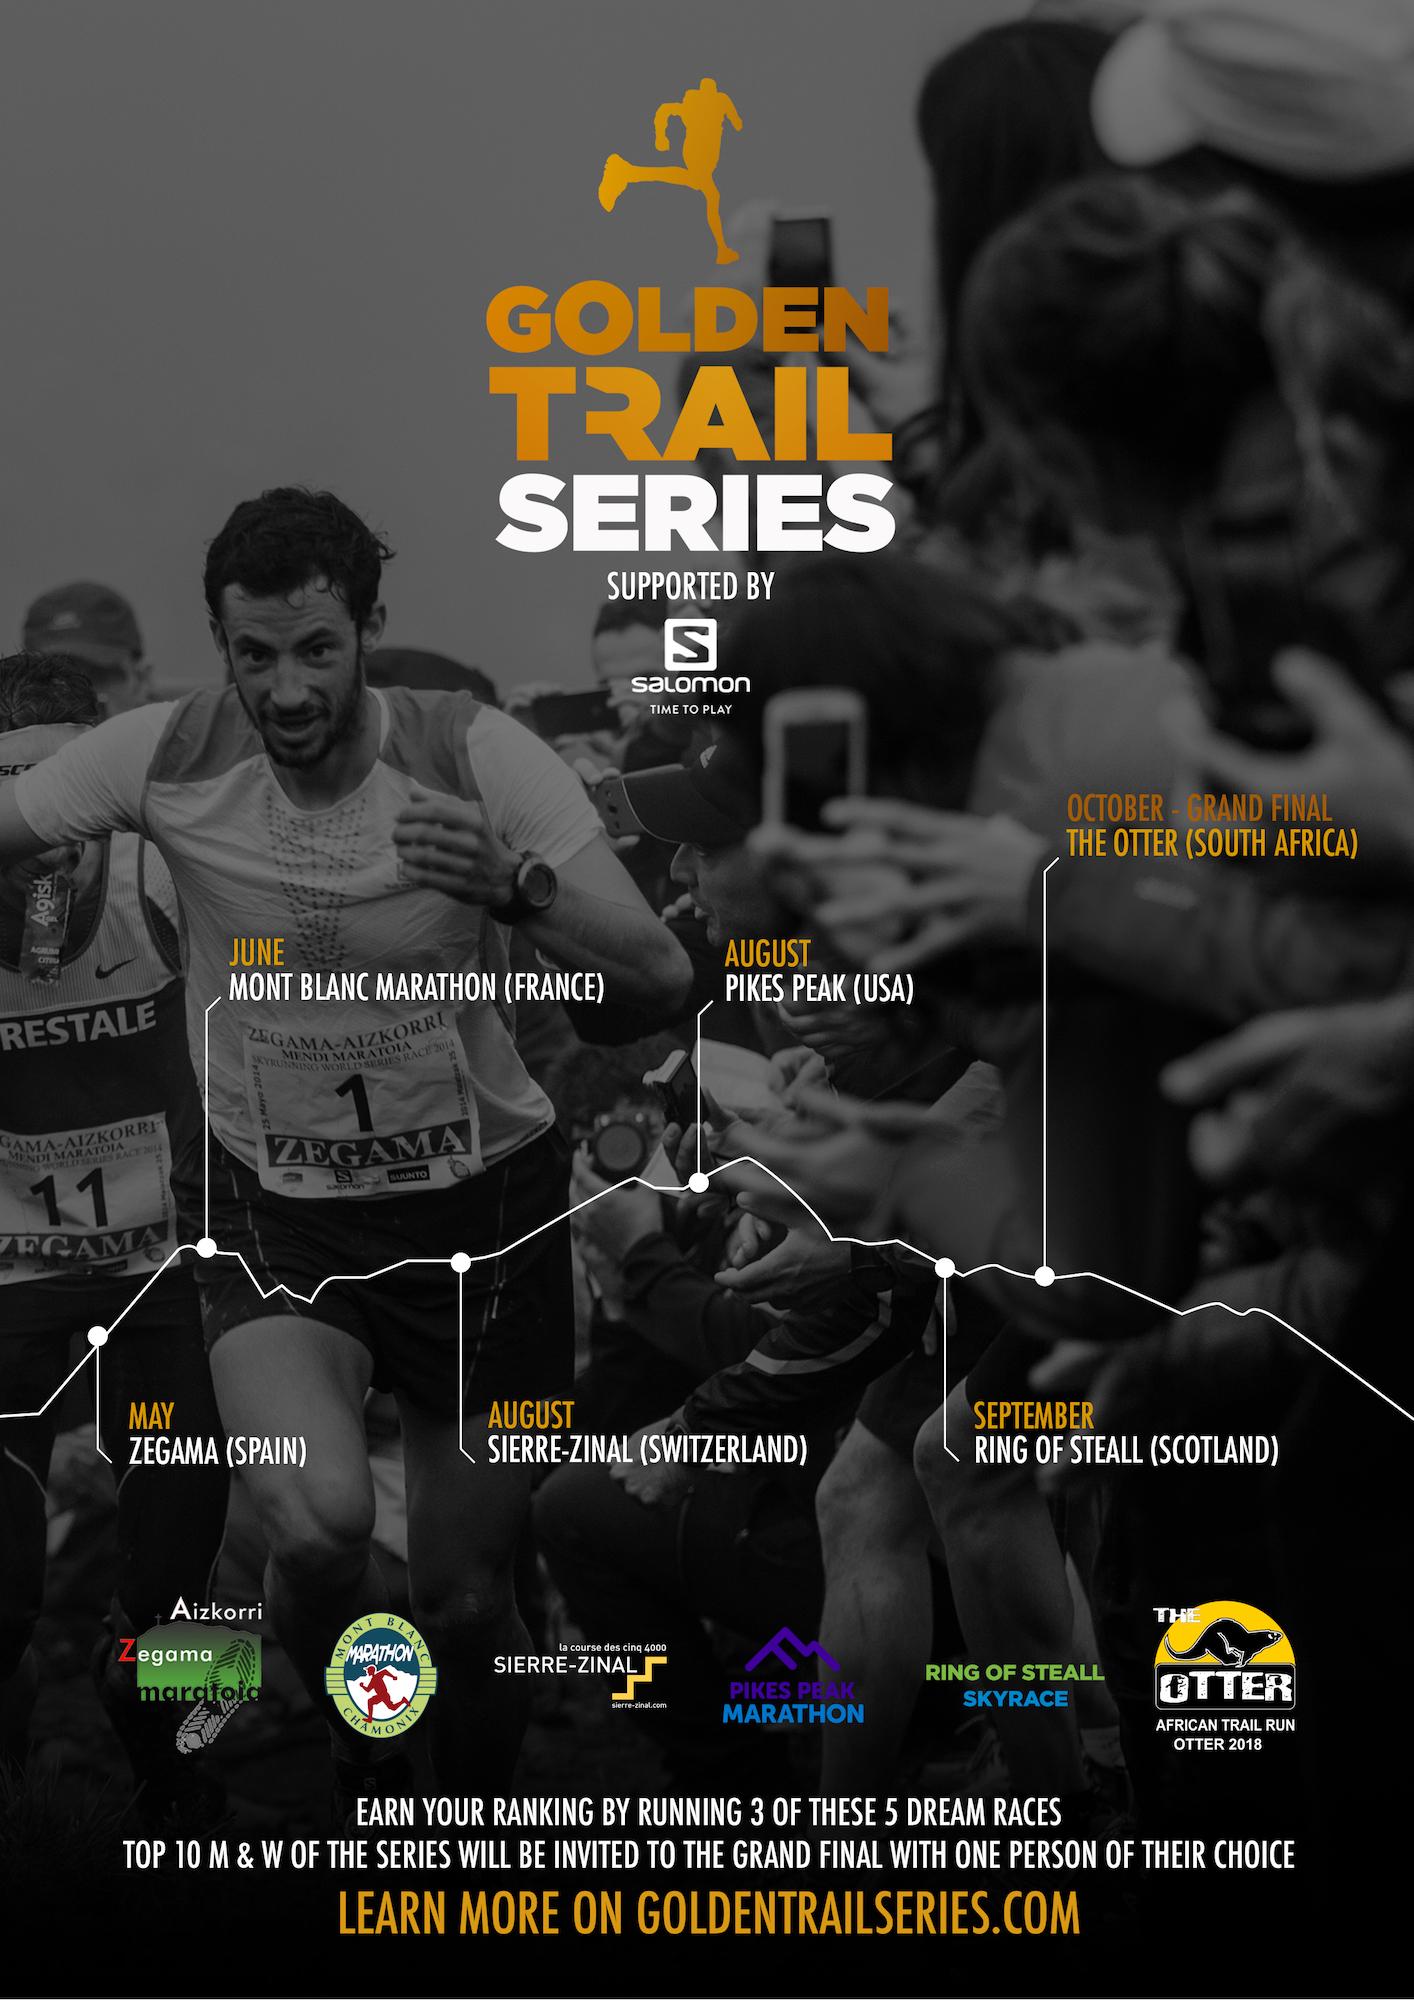 """7dfba4f90 Salomon Announces New """"Golden Trails Series"""" For Trail Running ..."""